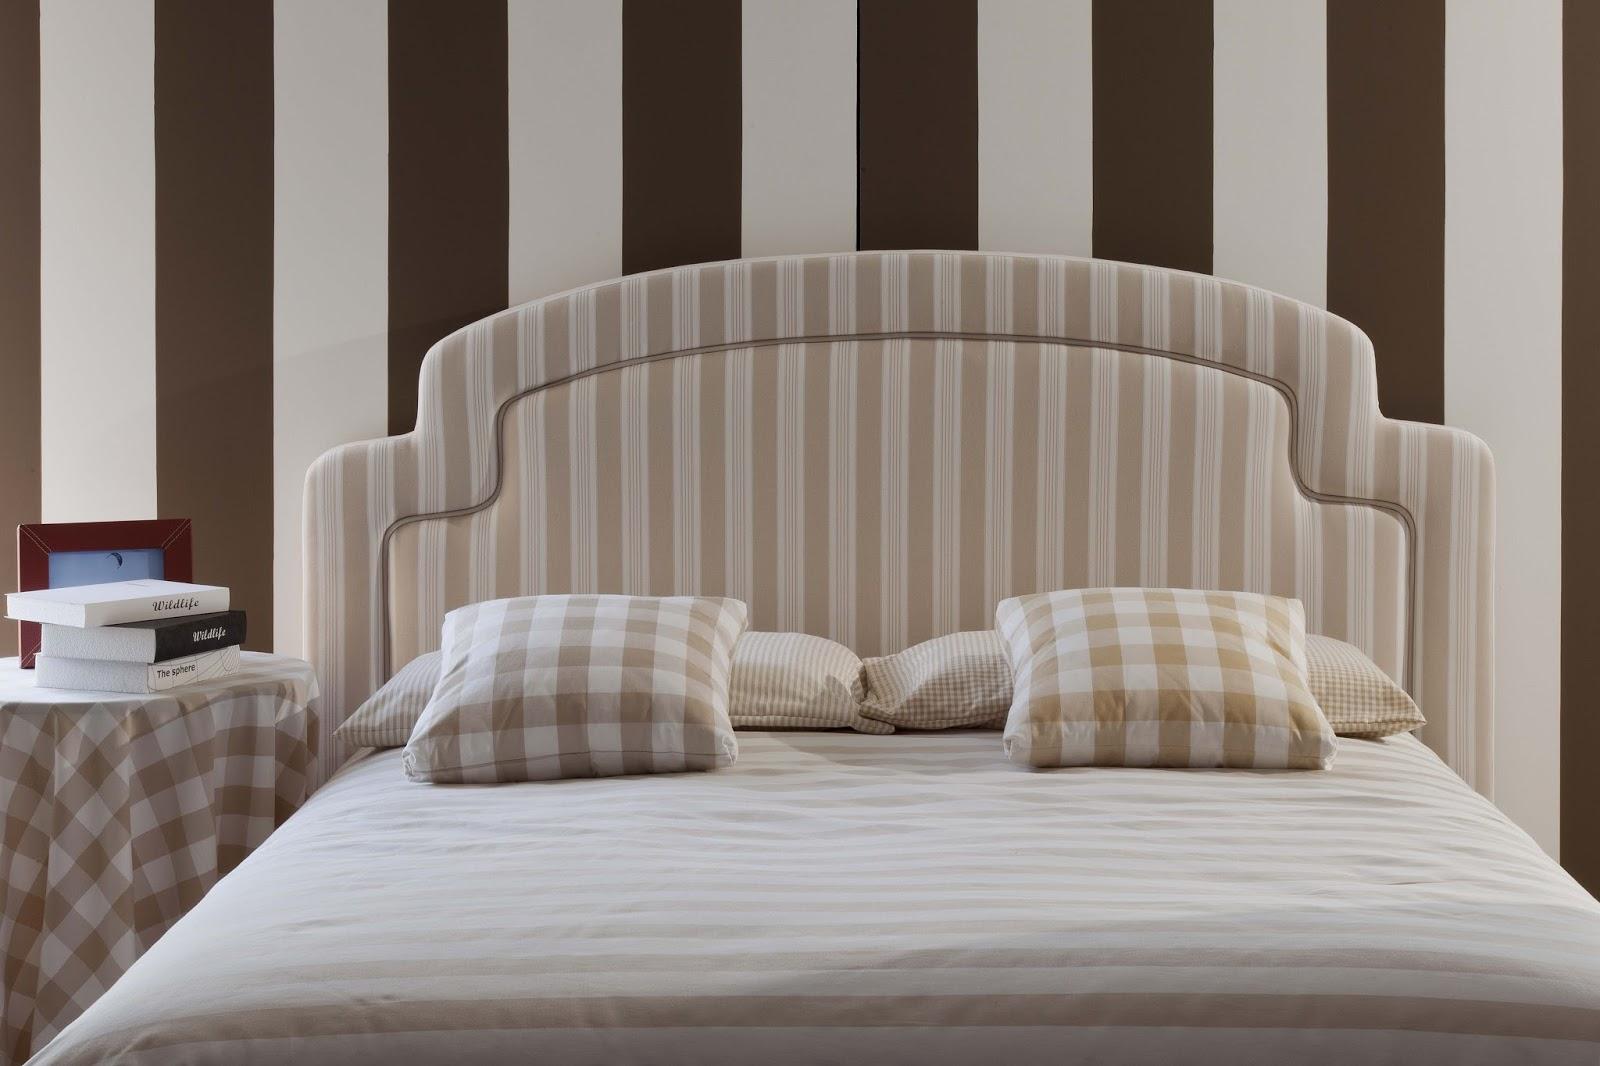 Santambrogio salotti produzione e vendita di divani e for Divani in stile provenzale